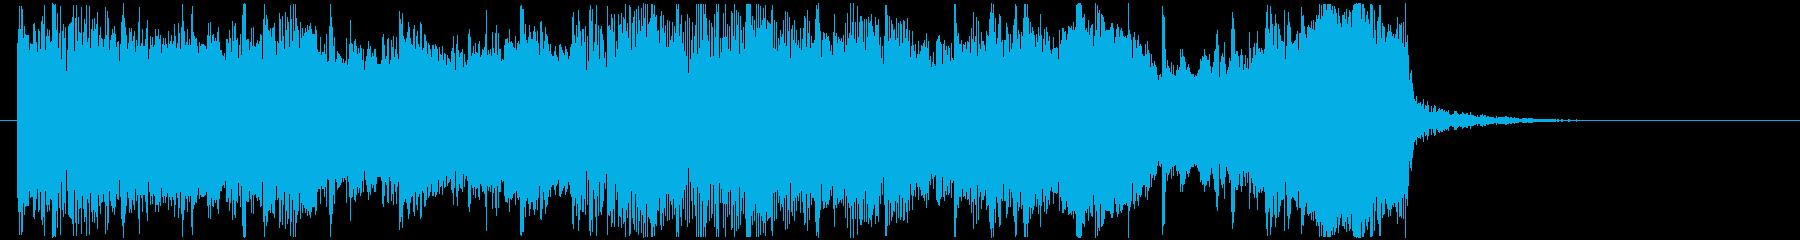 緩やかでスピーディーなゲーム対戦音の再生済みの波形